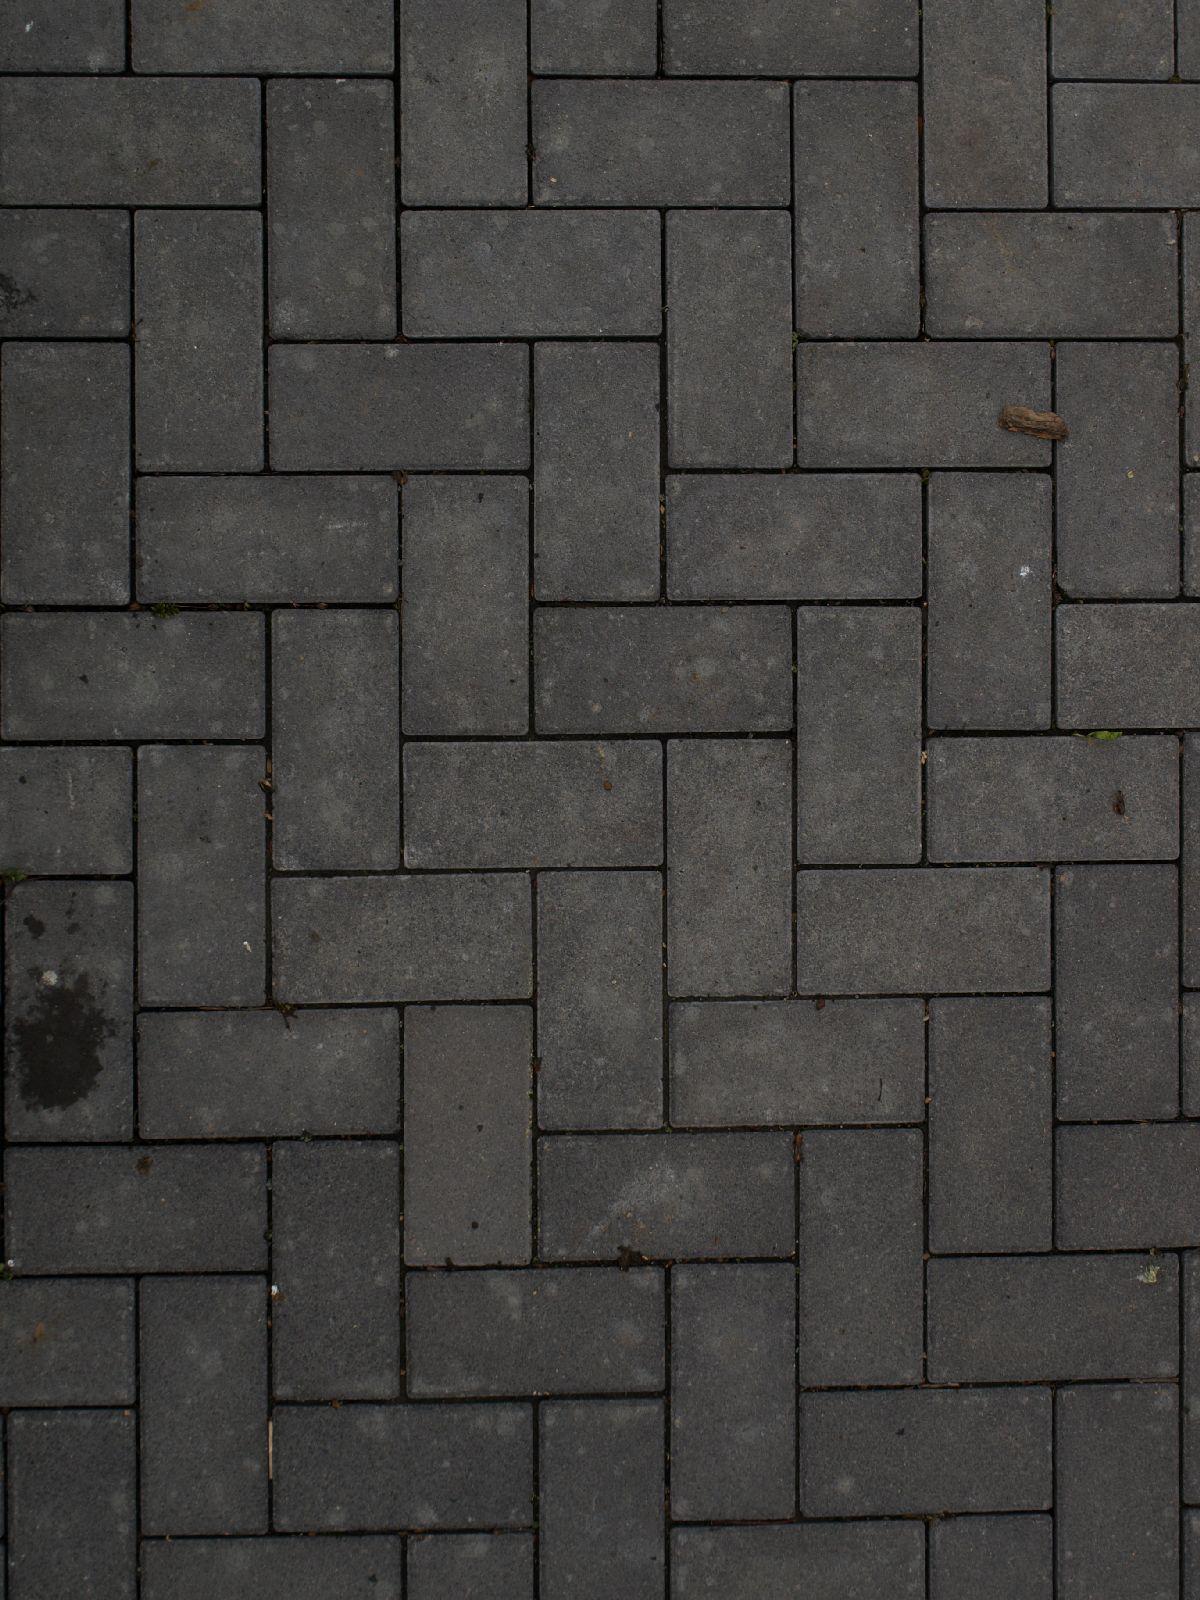 Ground-Urban_Texture_A_P4131209